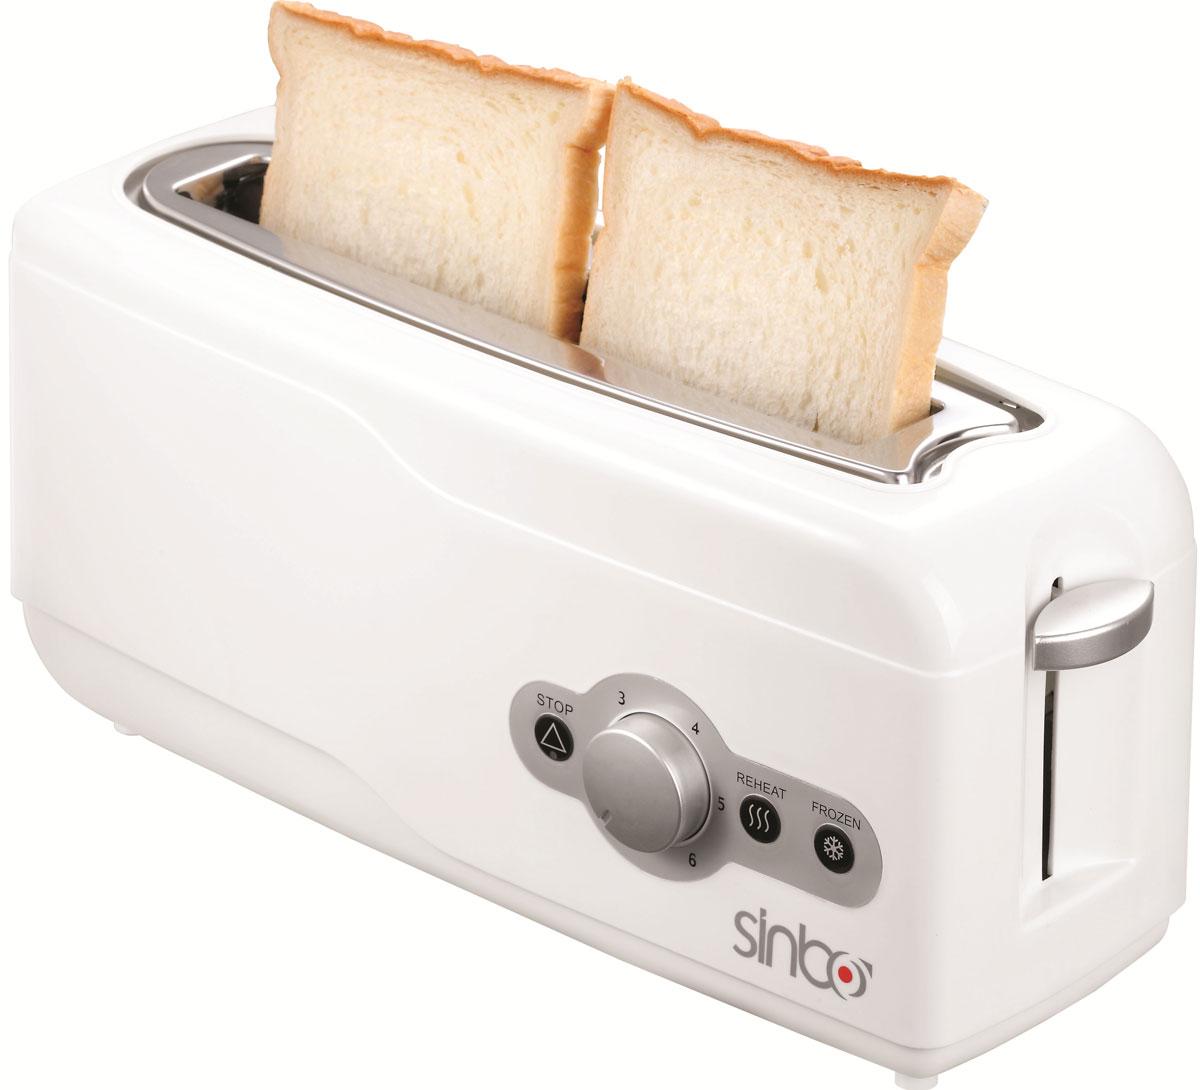 Sinbo ST 2412 тостерST 2412Тостер Sinbo ST 2412 представляет собой сочетание удобства, функциональности и элегантного внешнего вида. Мощность в 750 Вт, простота управления и быстрое приготовление тостов, дополняется возможностью регулировки степени обжарки в 6 ступеней. Компактное и легкое в управлении устройство позволит приготовить вкуснейшие тосты за считанные минуты стразу на двоих. Вы можете в любой момент остановить процесс поджаривания, просто нажав на соответствующую кнопку. Ухаживать за тостером легко и приятно благодаря наличию поддона для крошек.